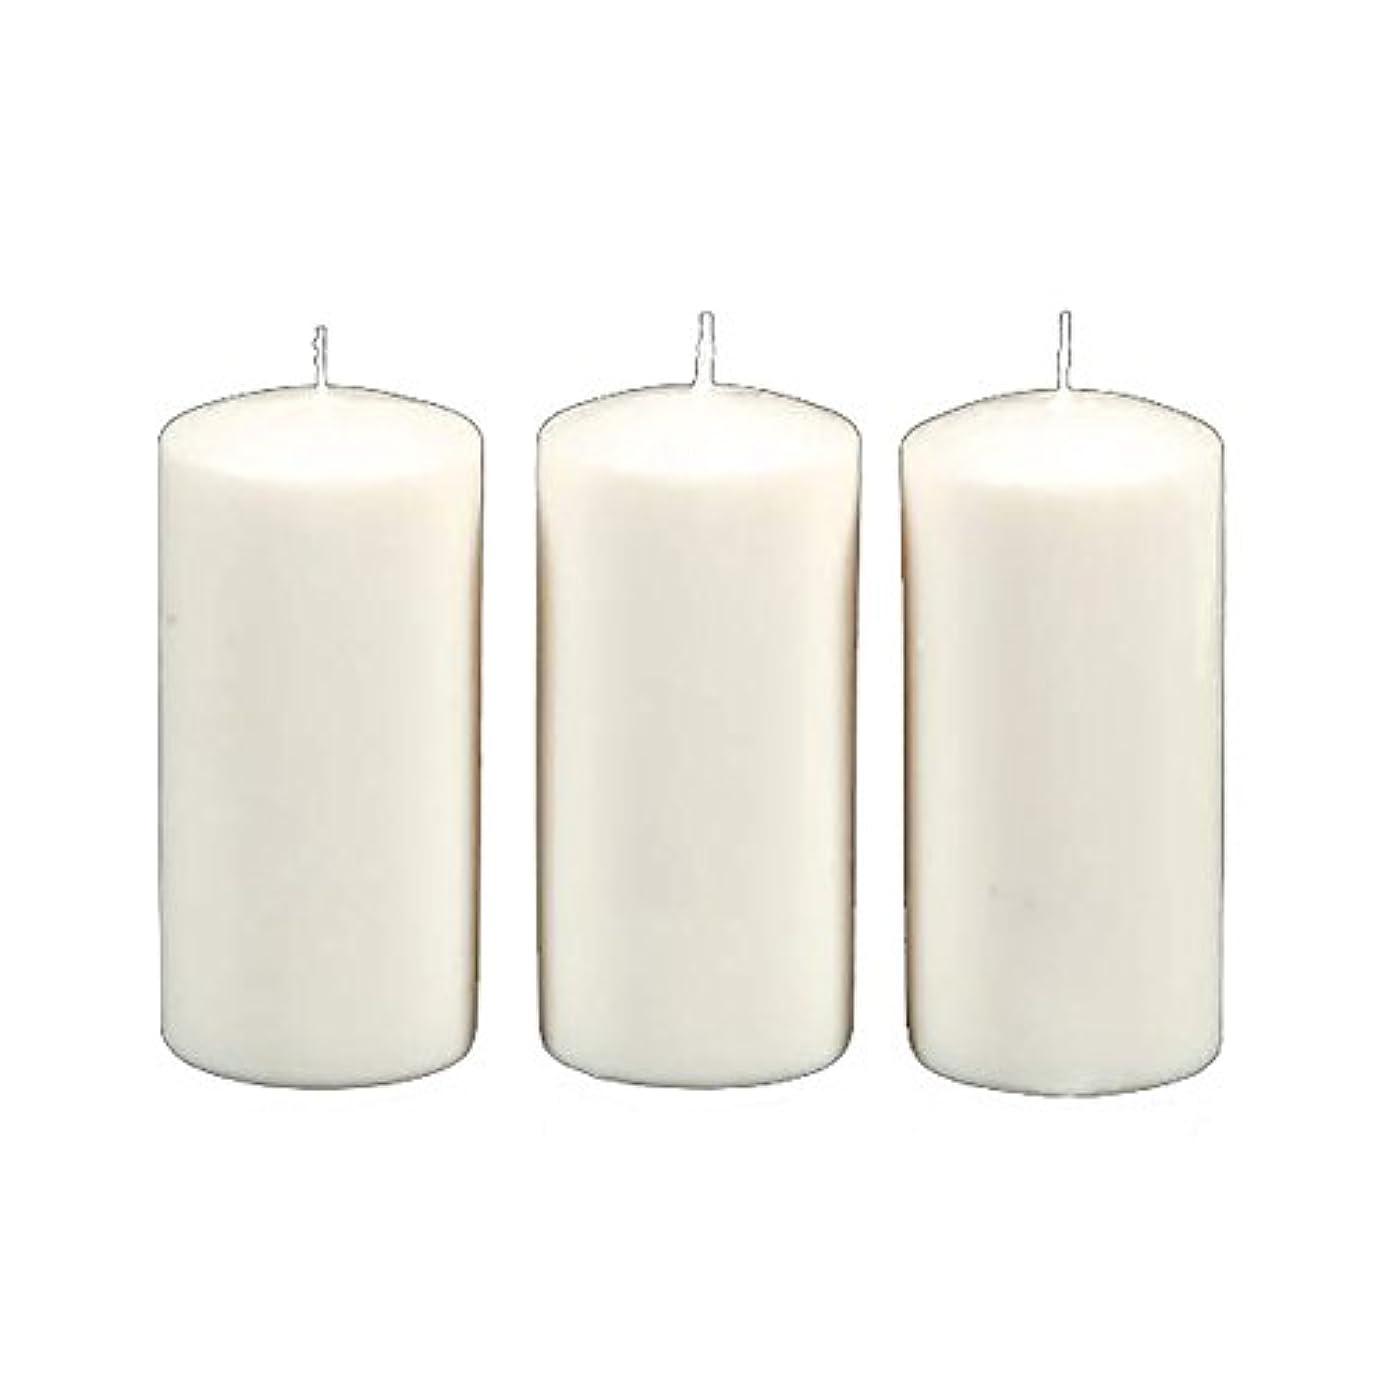 コメンテーターマイル卒業Darice 3-Piece Unscented Pillar Candles, 3 Inch by 6-Inch, White by Darice